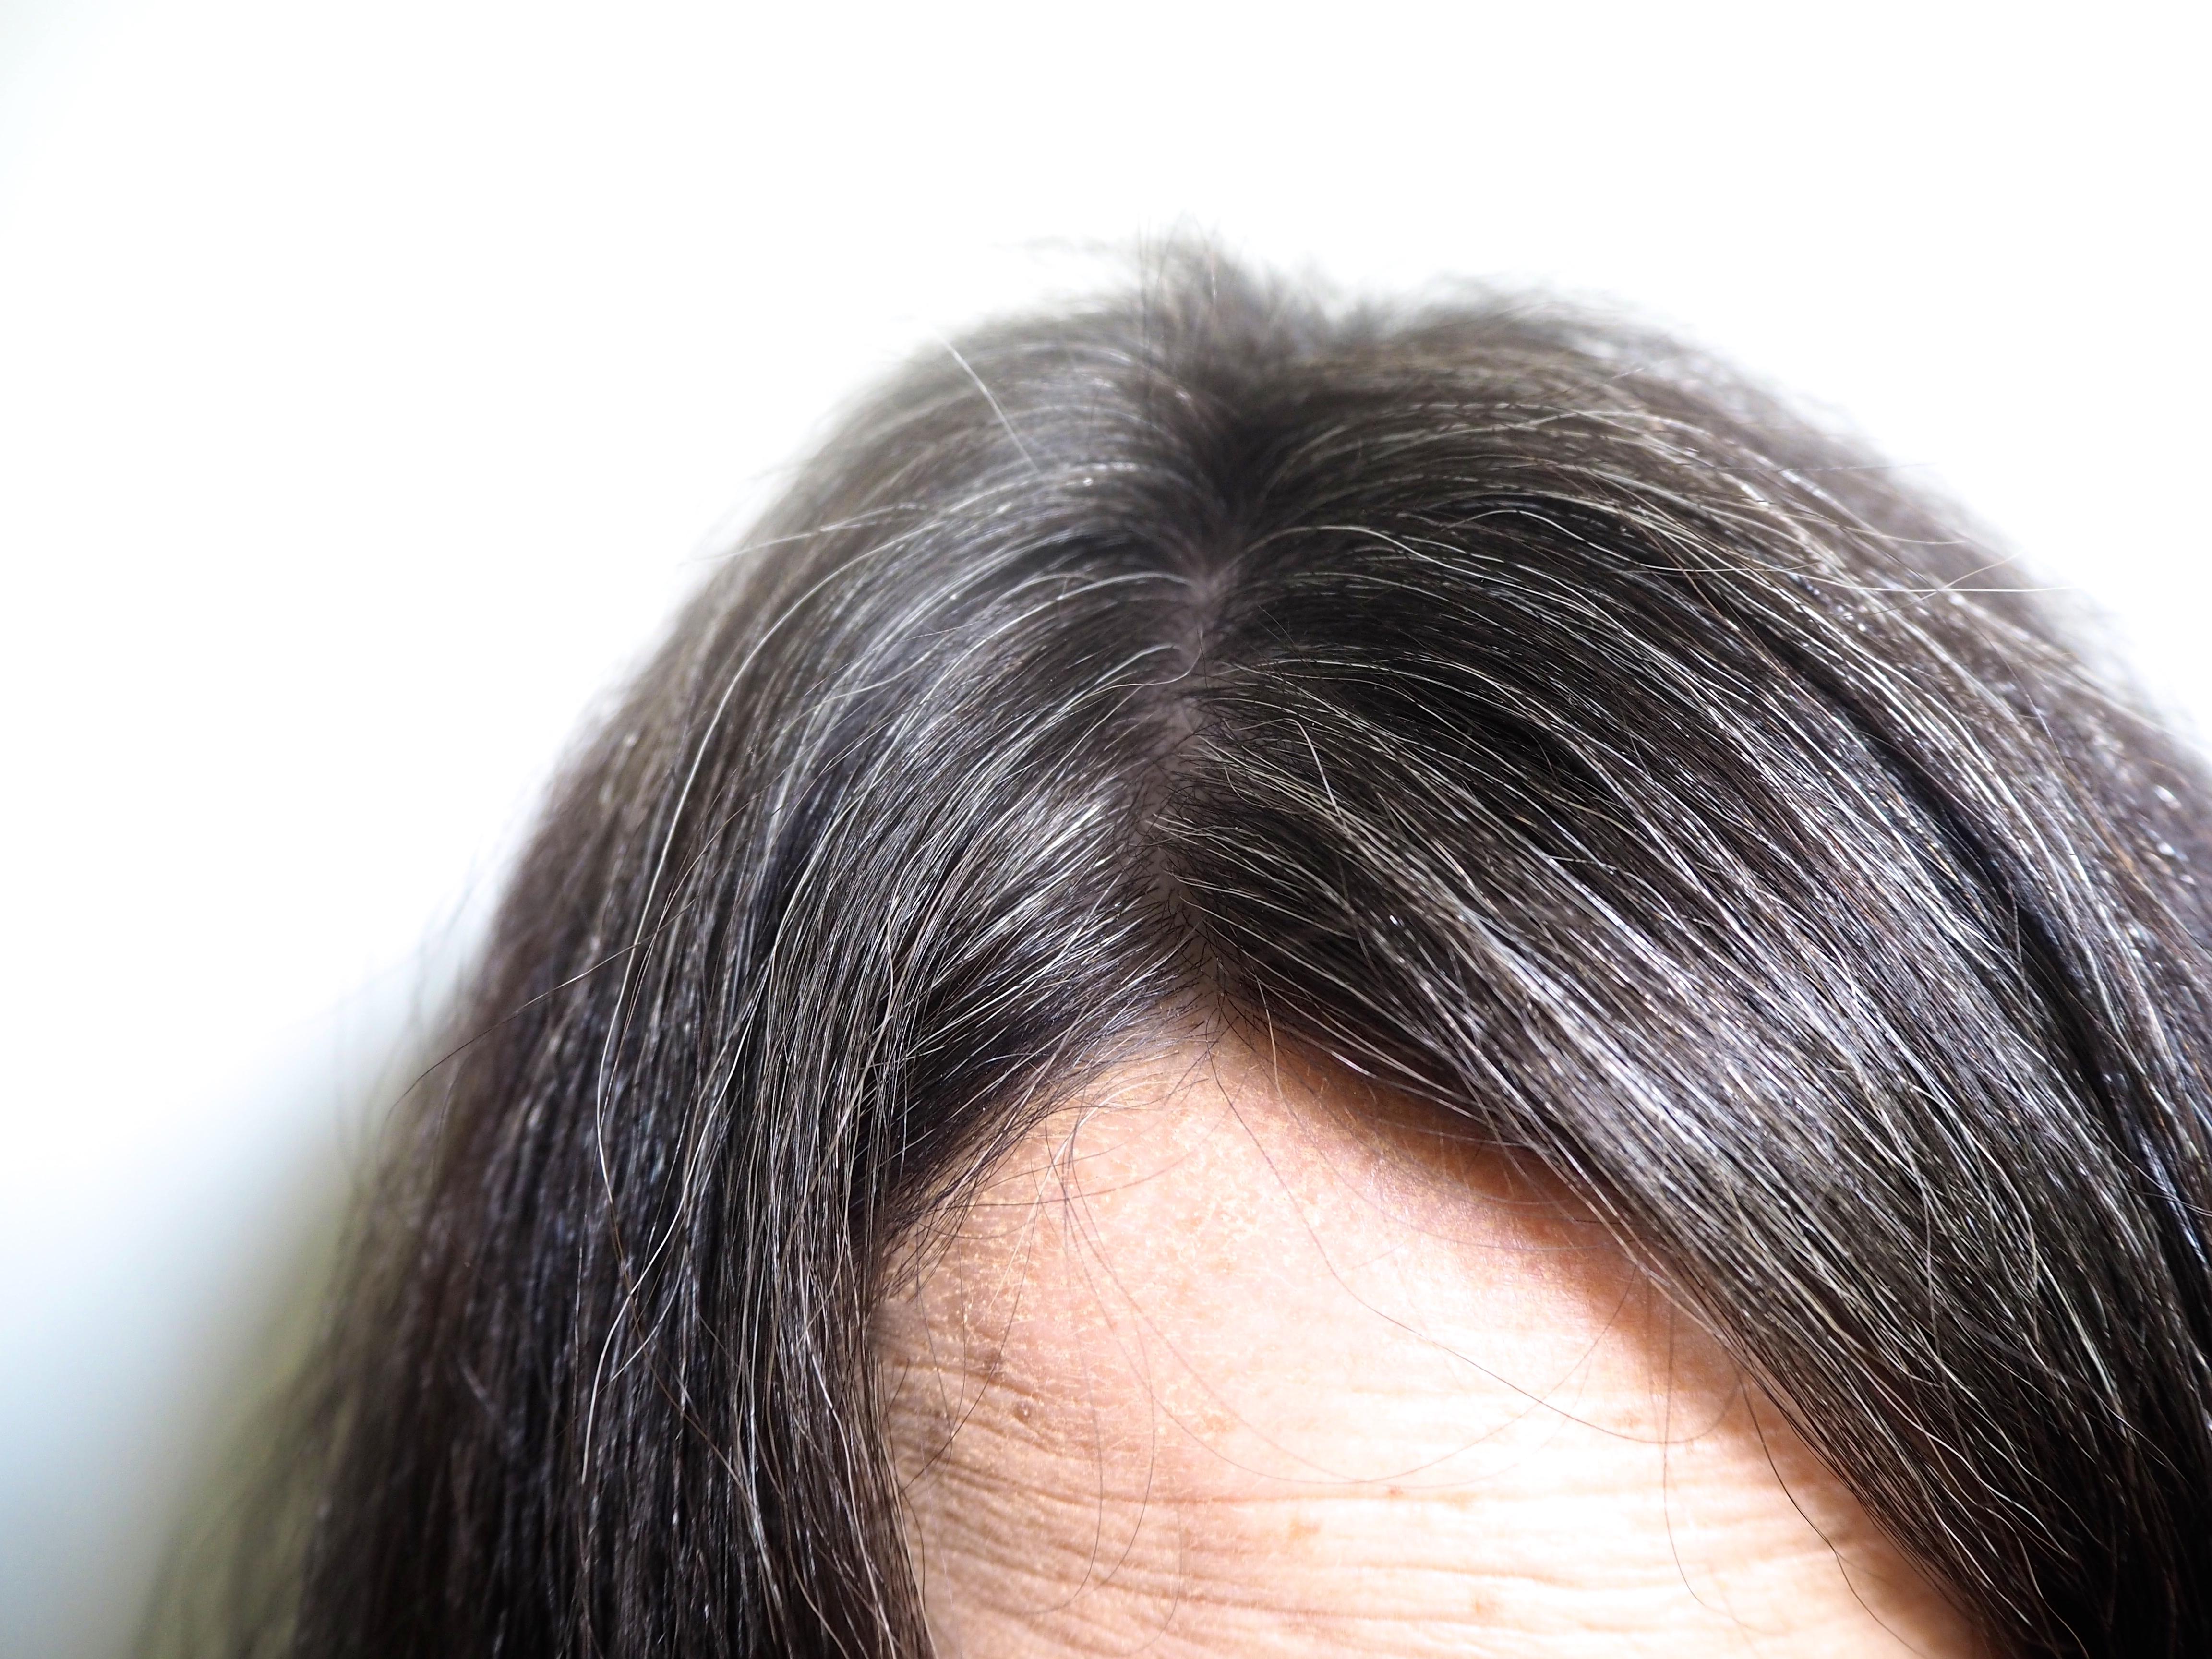 Mes Cheveux Blancs [8 Mois Apru00e8s] - La Reine De Lu0026#39;iode